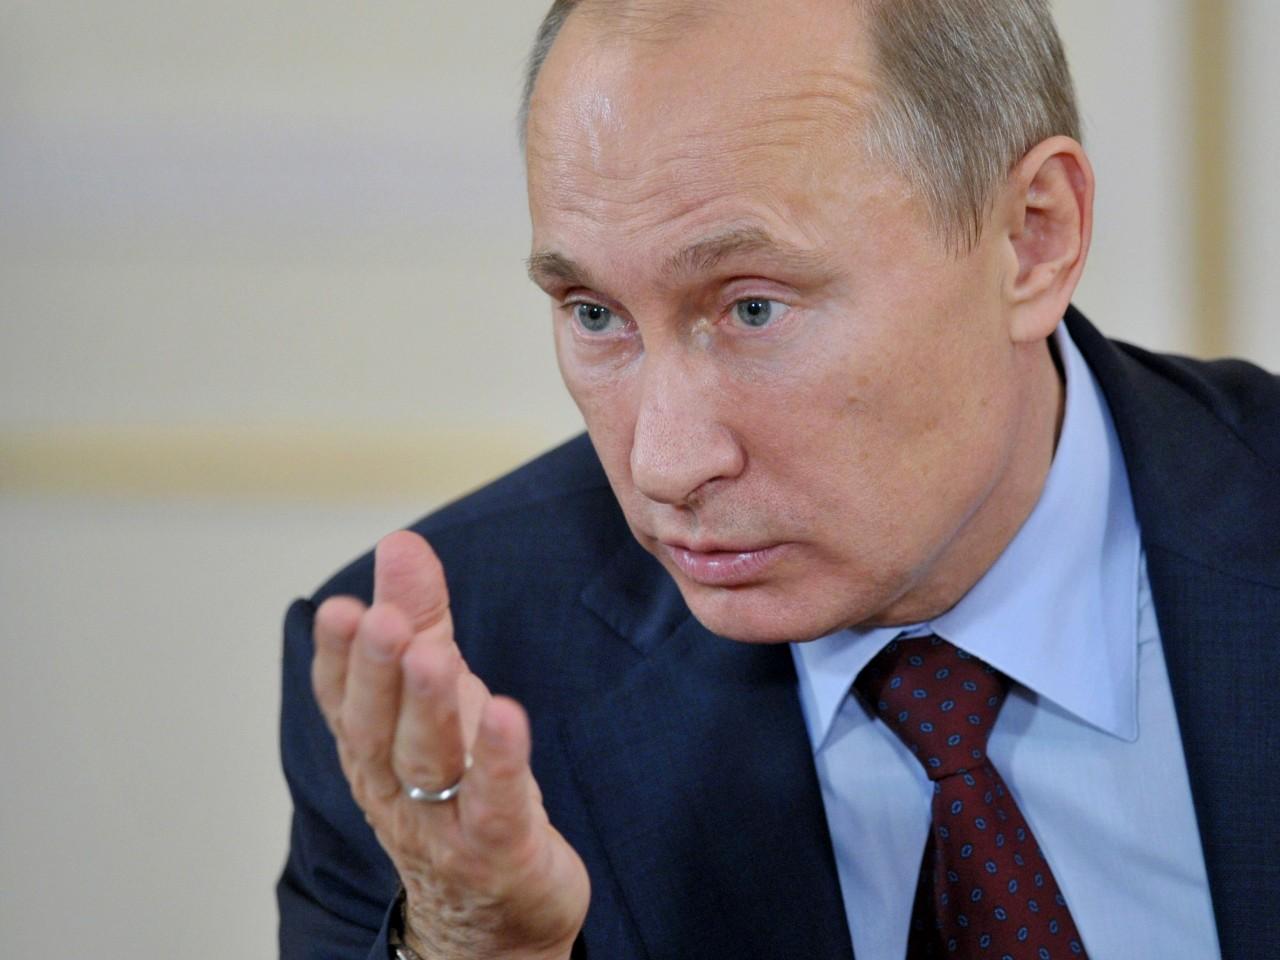 Preşedintele rus, Vladimir Putin, a asigurat, ieri, că Rusia îşi va respecta în totalitate obligaţiile faţă de consumatorii europeni privind exportul de gaze